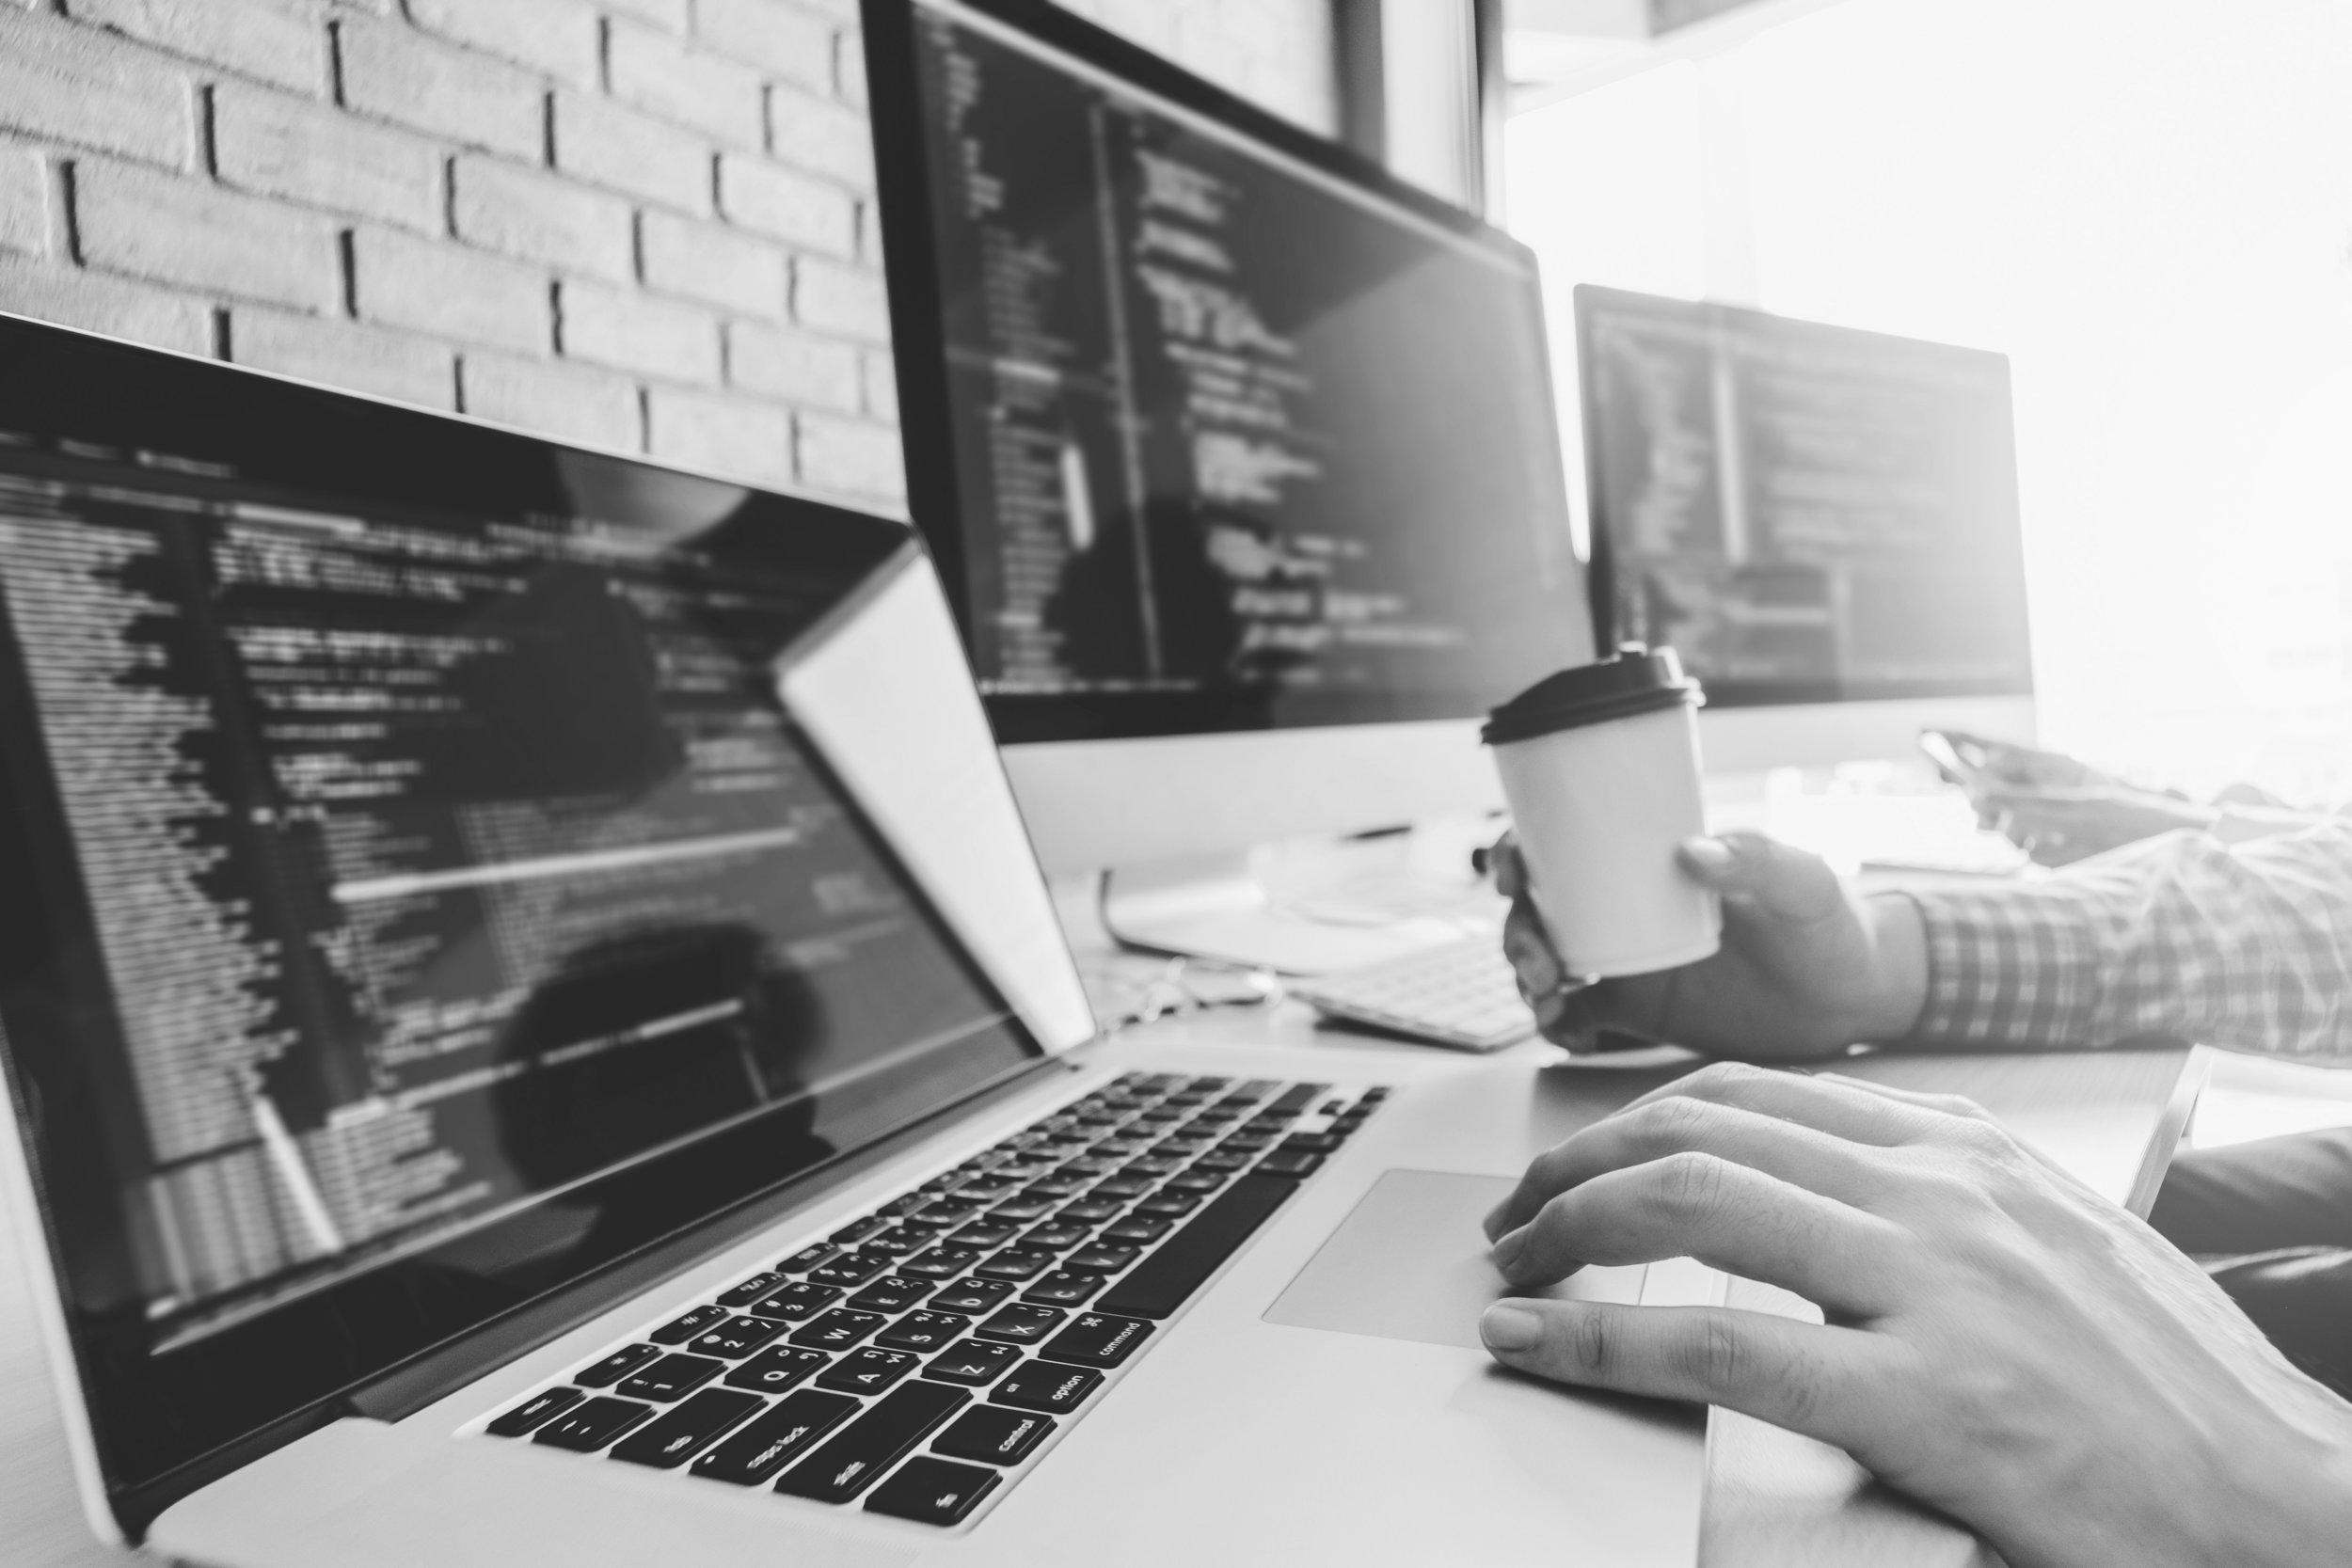 Čím VirtuaControl nadchne administrátory - Jednoduchostí. A spoustou času, který díky ní ušetří. Admini centrálně doručují aplikace, centrálně řídí uživatelská prostředí a nehasí následky neodborných zásahů uživatelů. Jejich jednání totiž mají pod kontrolou.